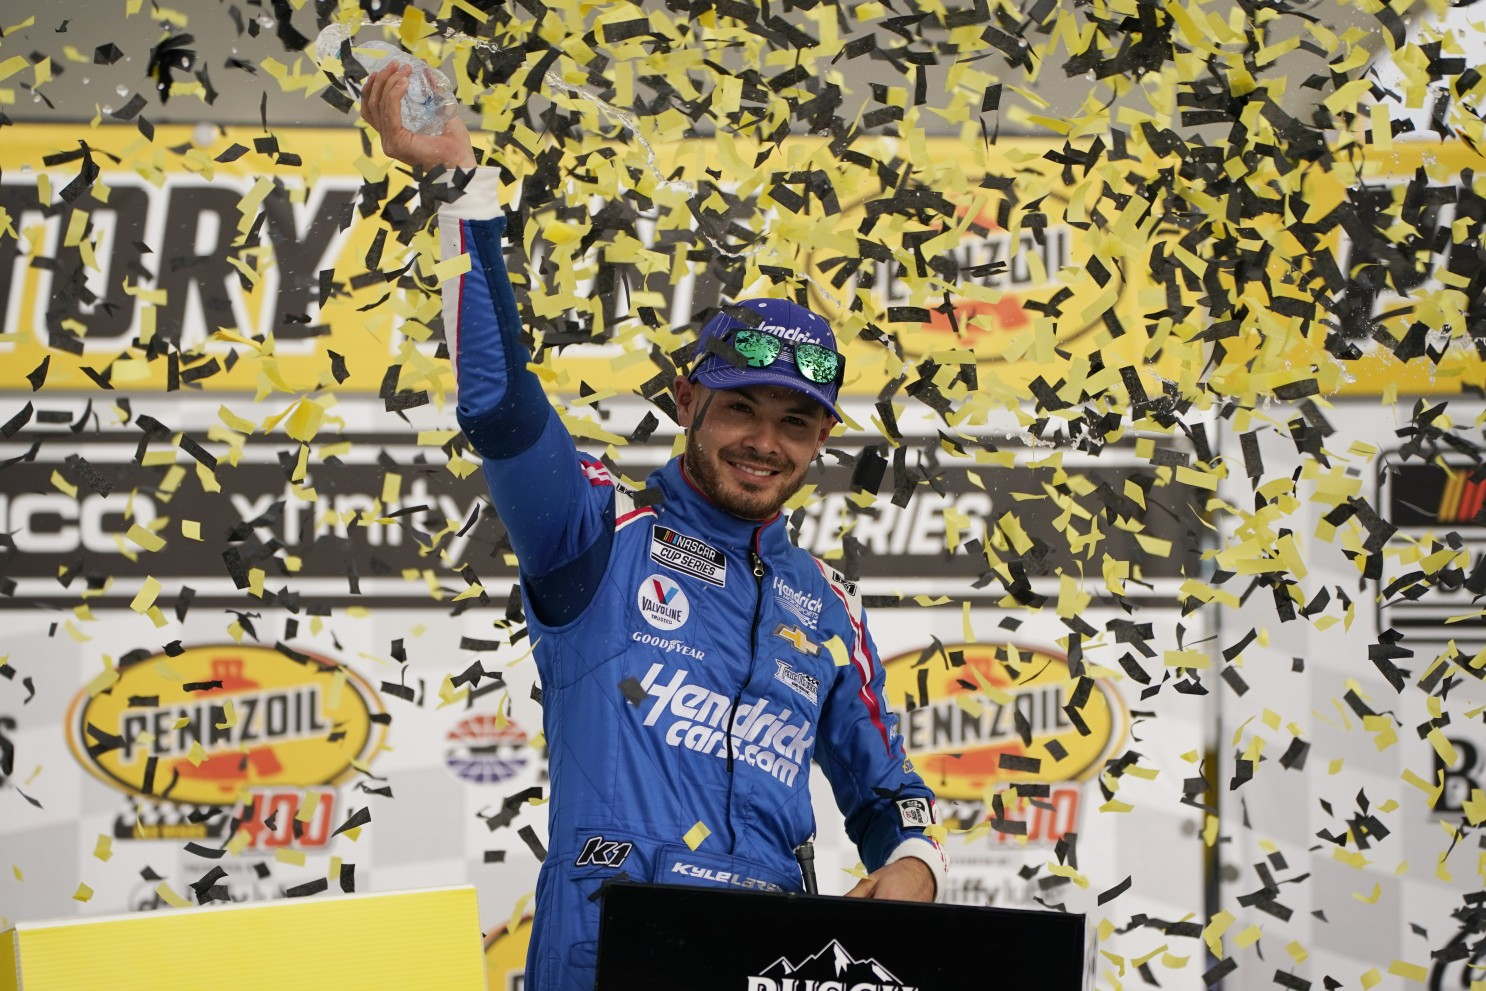 Visszatért: Kyle Larson megnyerte a NASCAR Cup Las Vegas-i versenyét